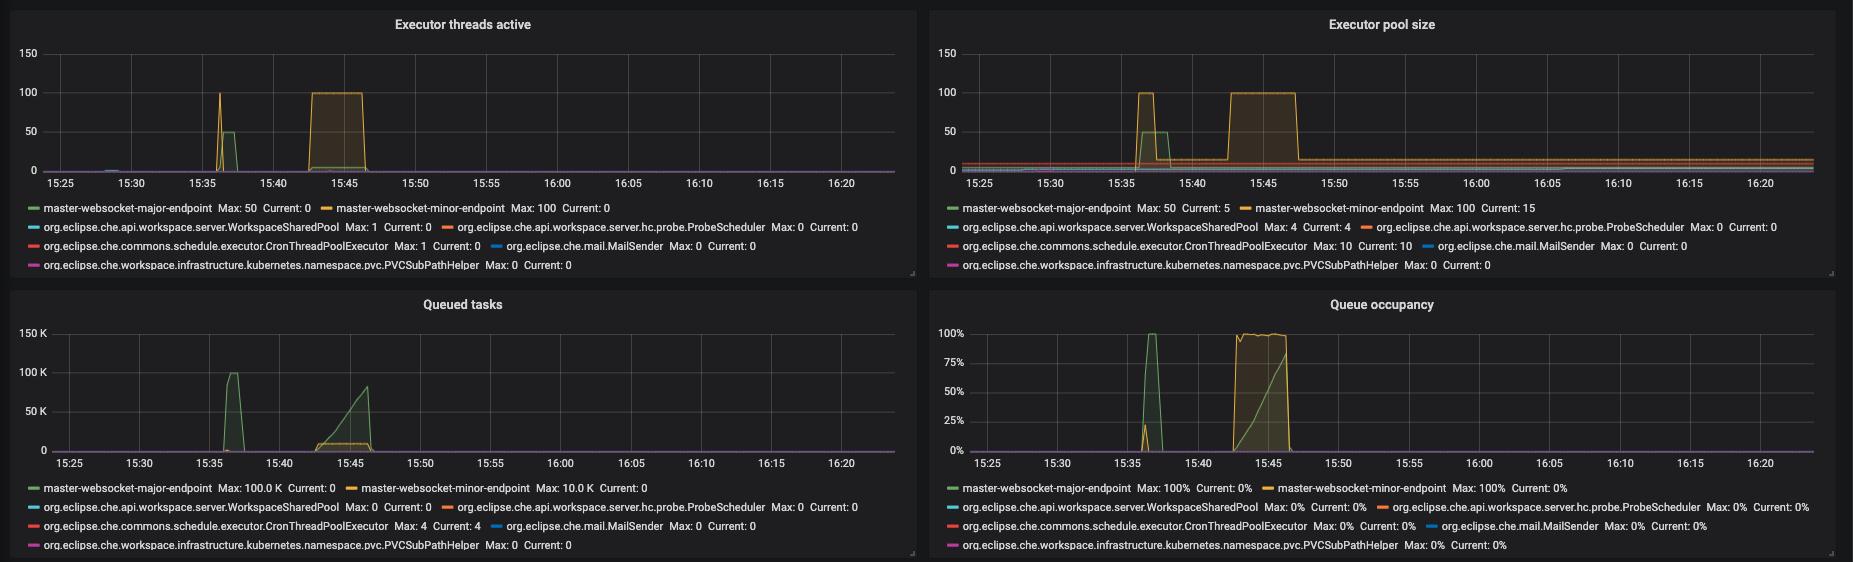 monitoring che che server dashboard executors panel 2